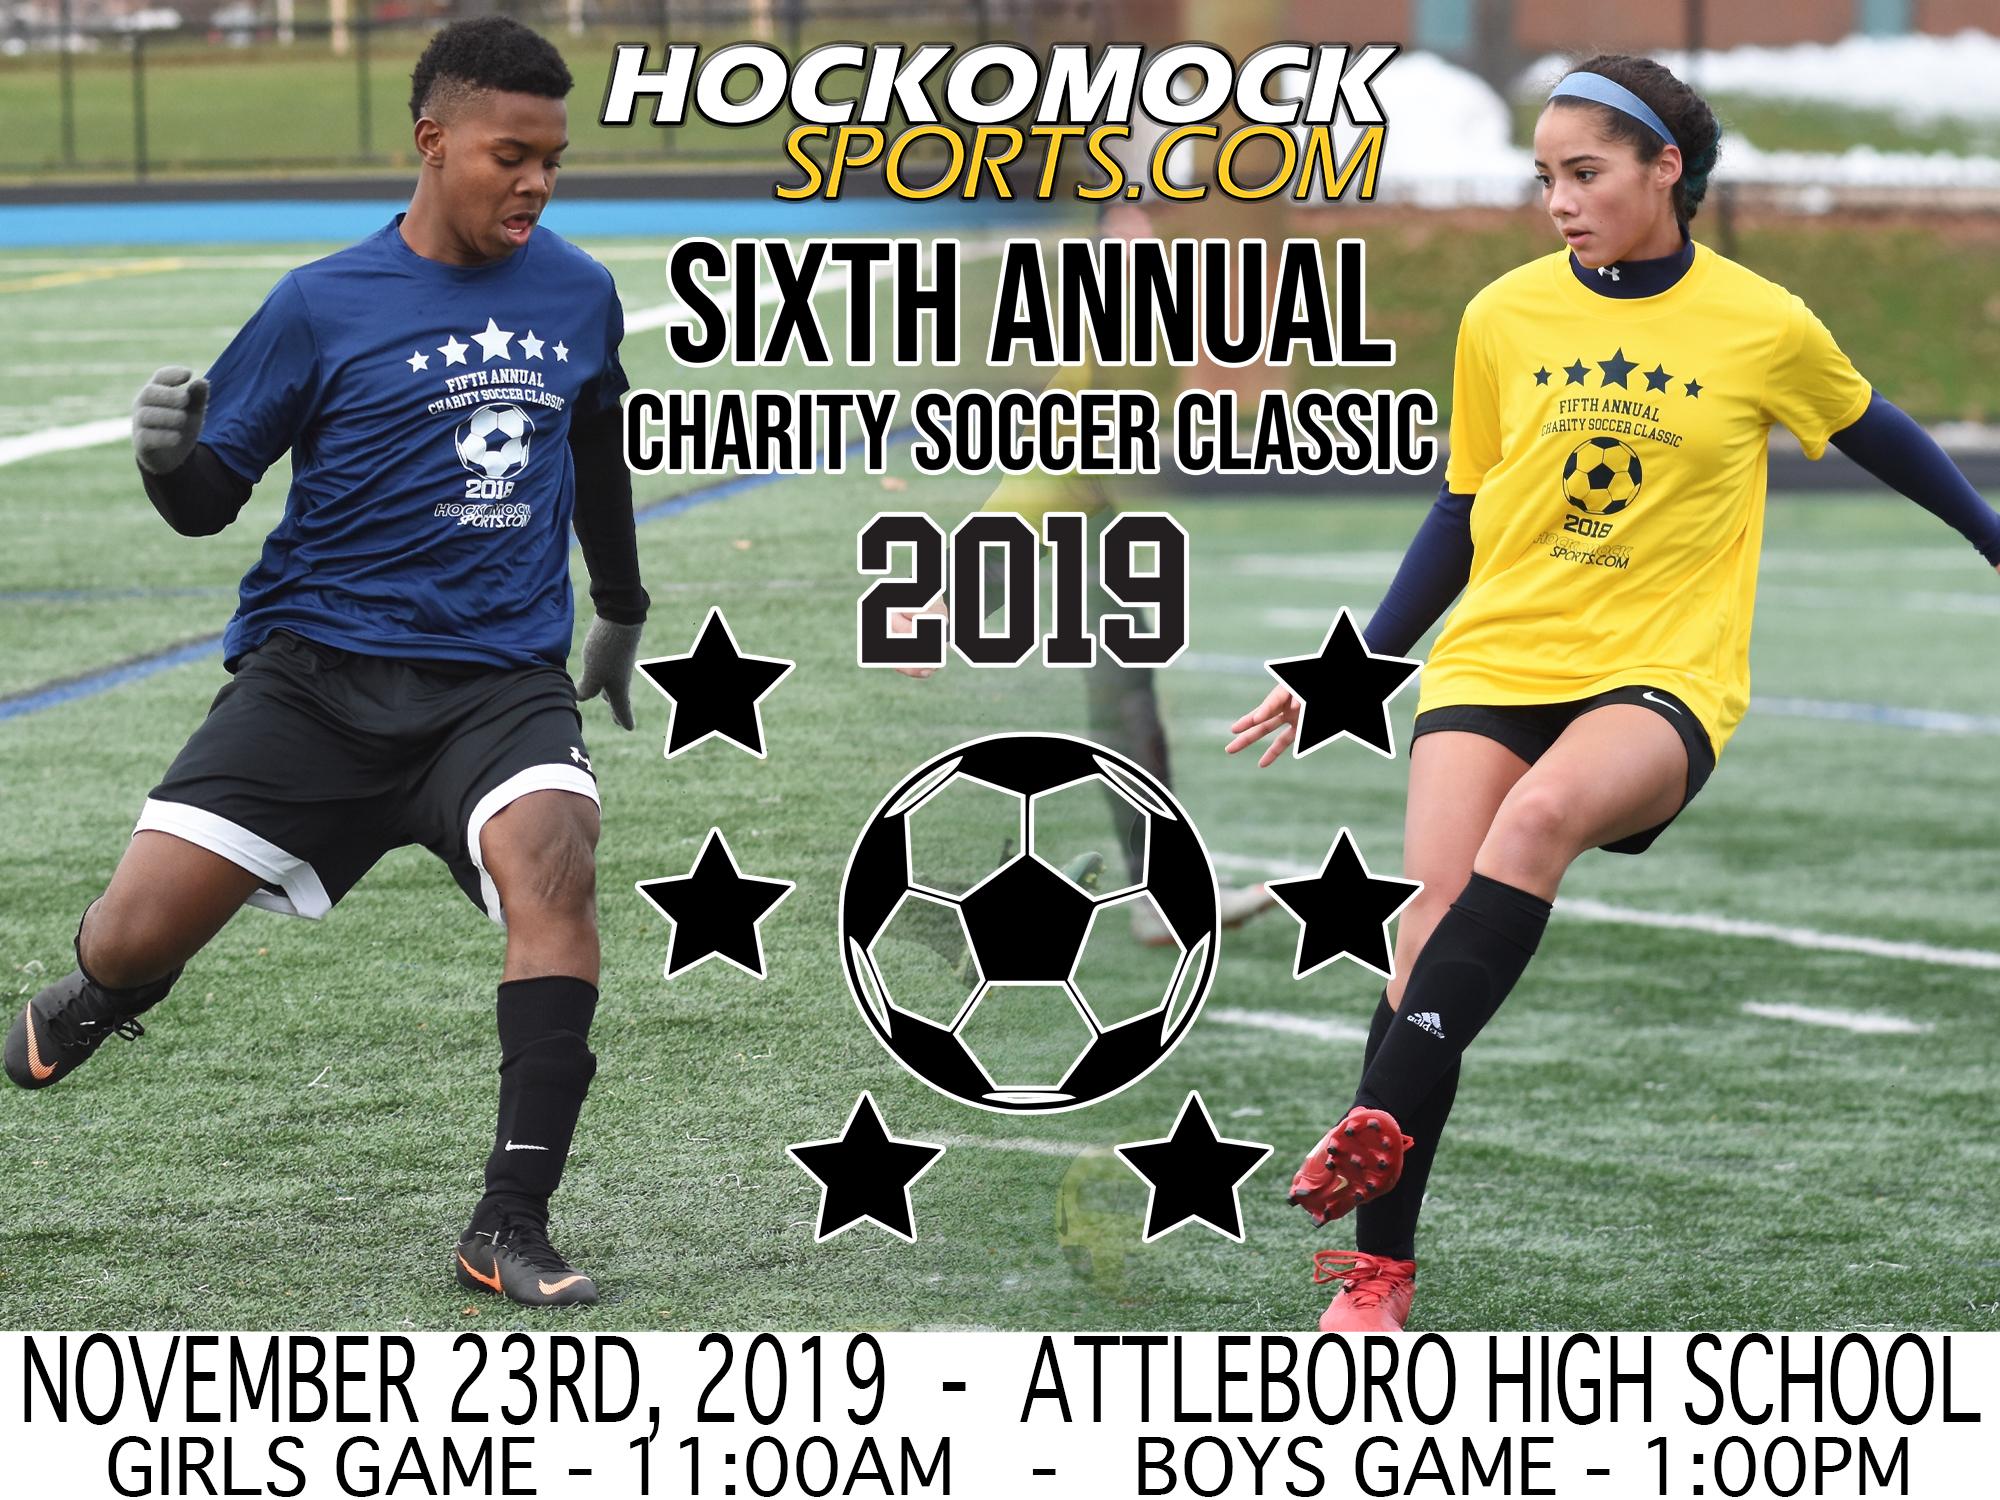 Sixth Annual HockomockSports.com Charity Soccer Classic - Nov 23